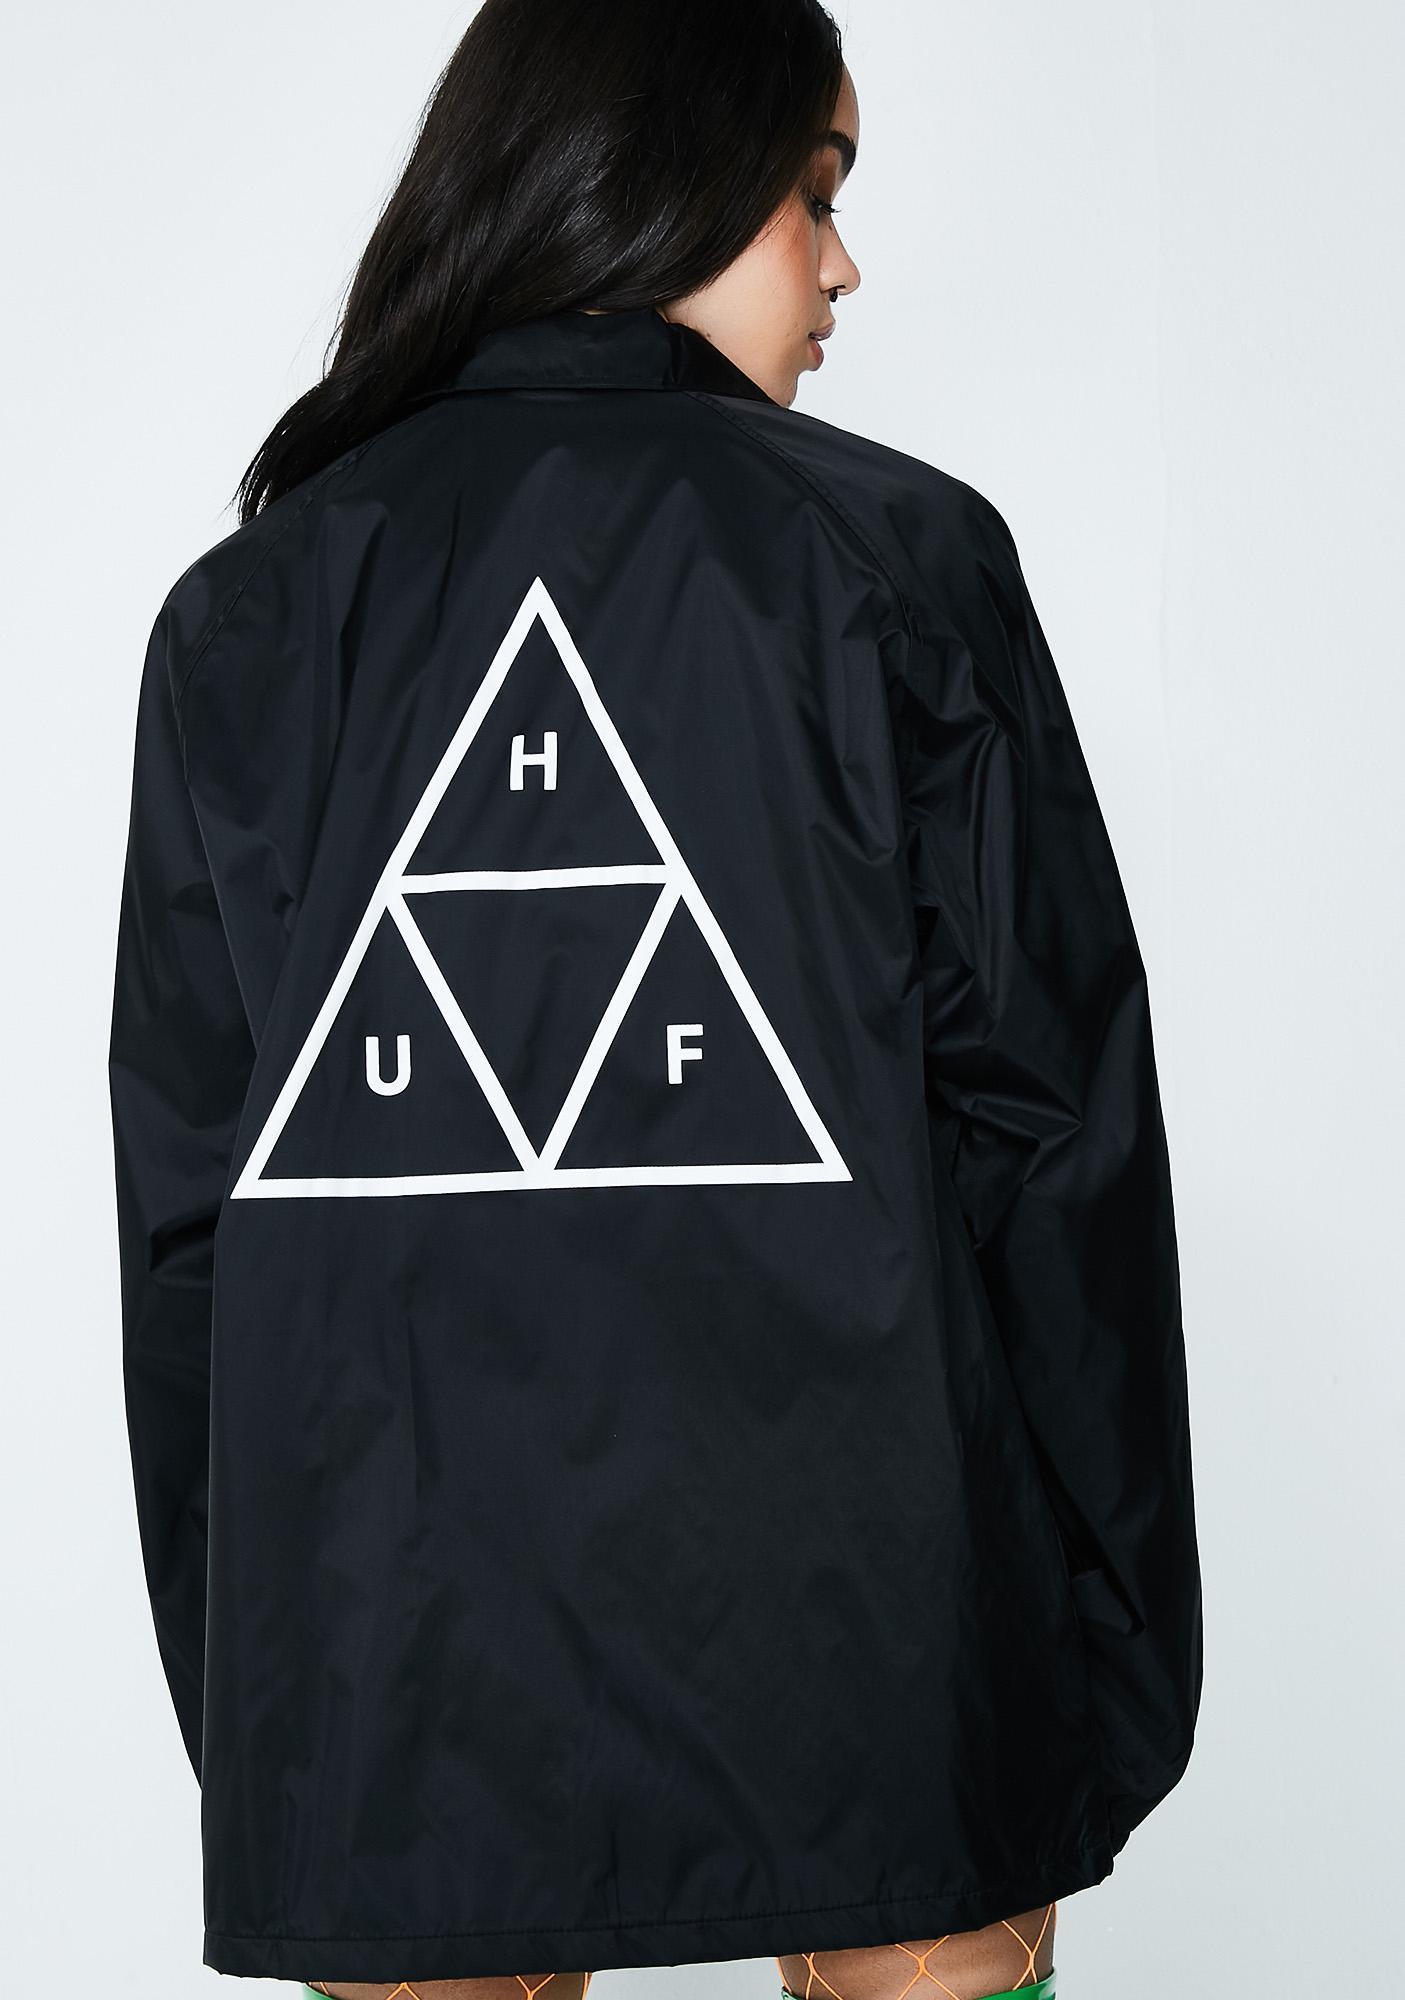 HUF Triple Triangle Coach Jacket